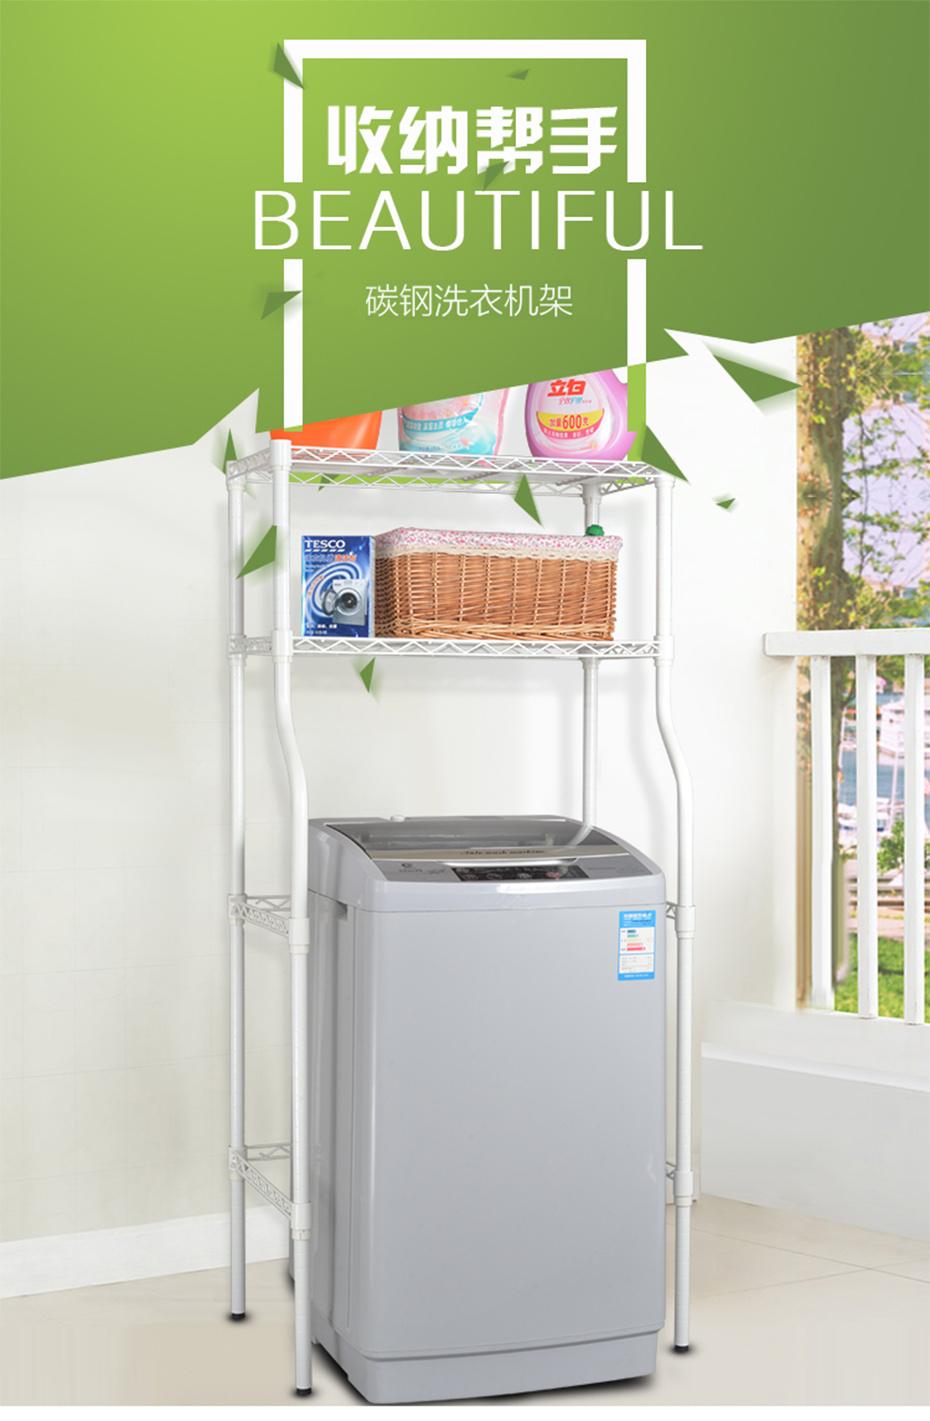 洗衣机架CJ-A1250_001